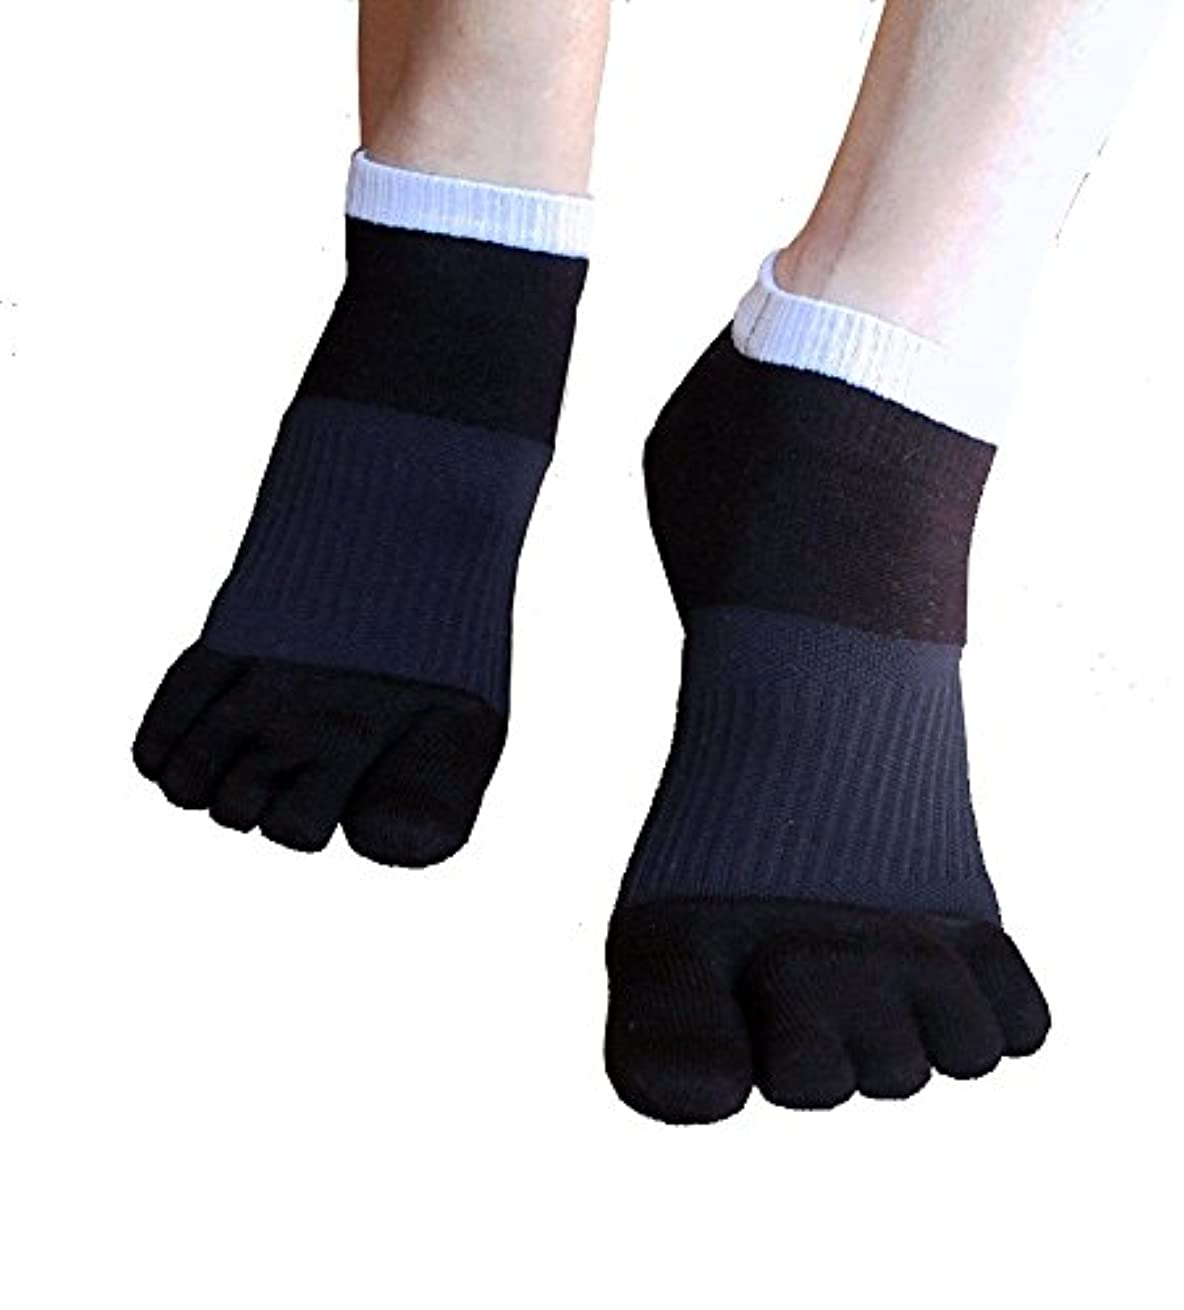 汚染された夜明けリマ外反母趾対策 ふしぎな5本指テーピング靴下 スニーカータイプ 22-24cm?ブラック(色は2色、サイズは3サイズ)